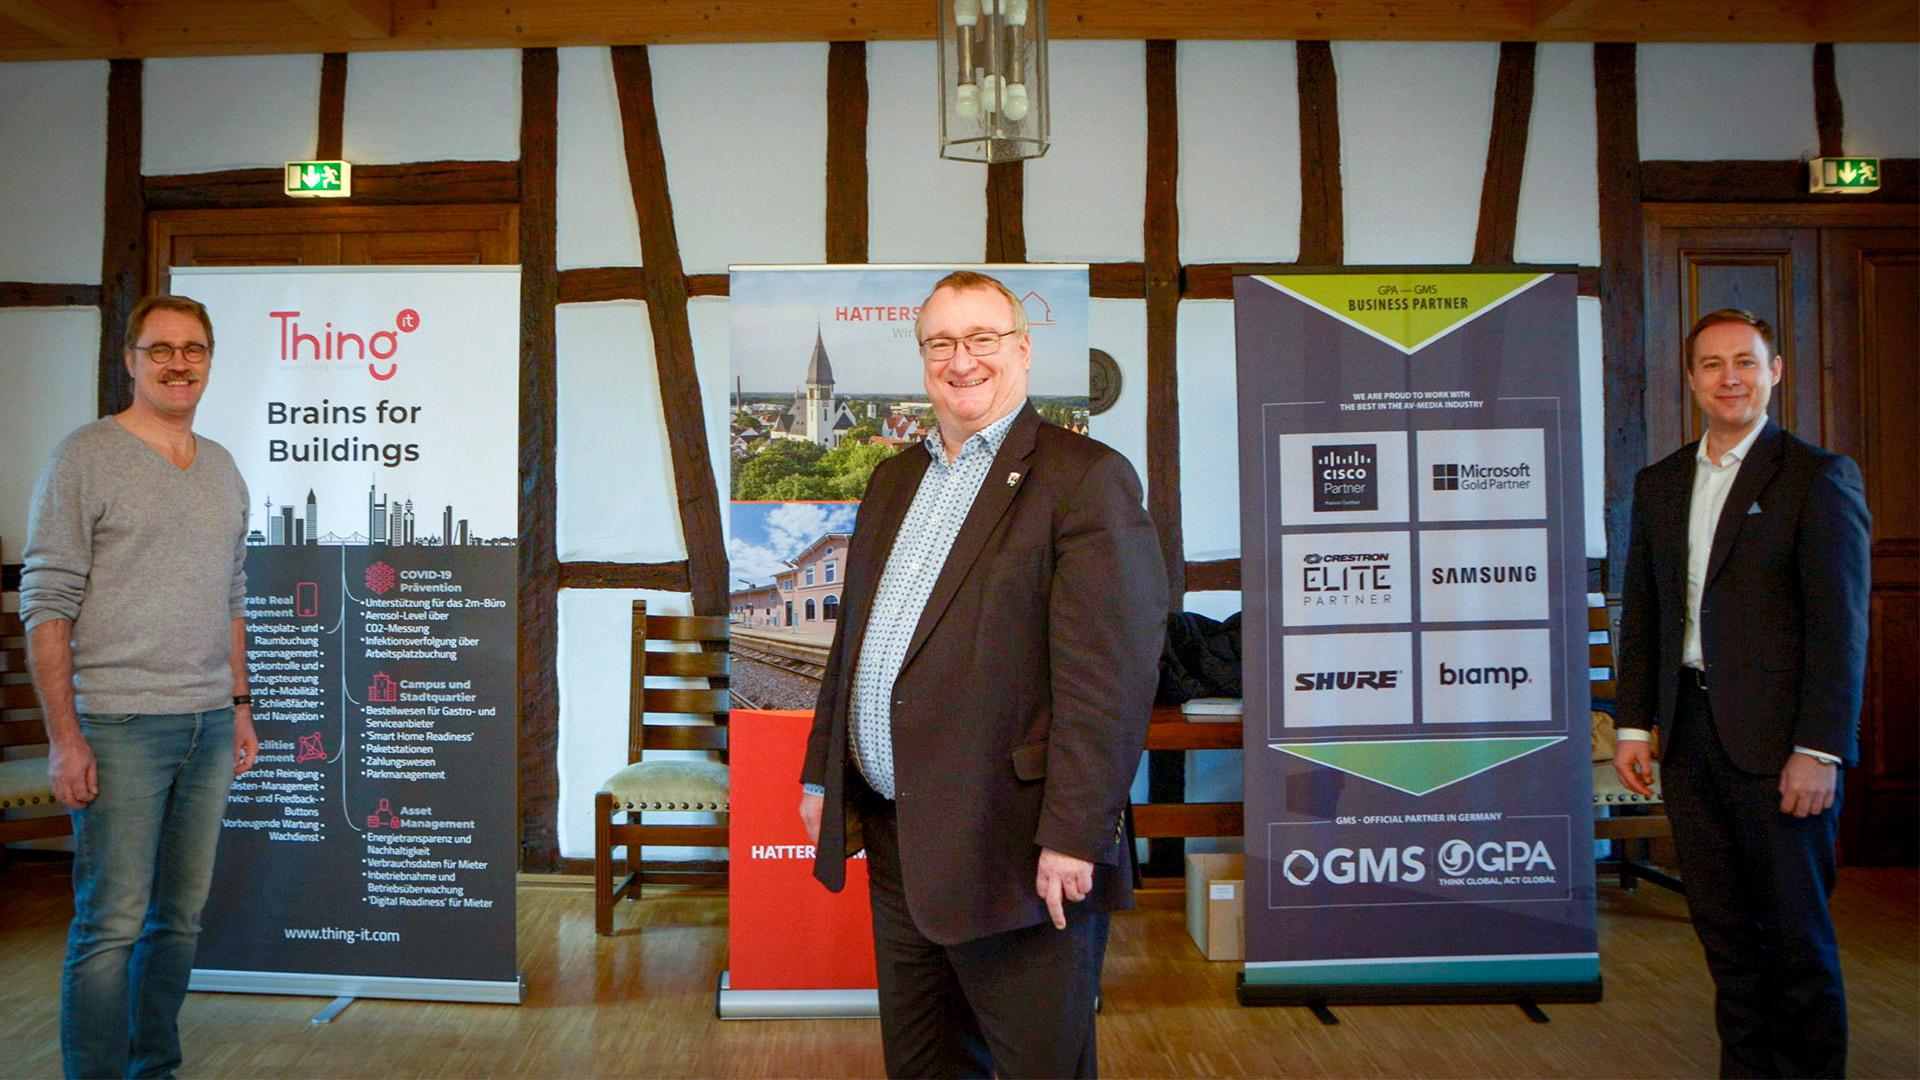 Bürgermeister Schindling (mitte) mit Marc Gille (links) und Tobias Enders bei der offiziellen Pressekonferenz in Hattersheim